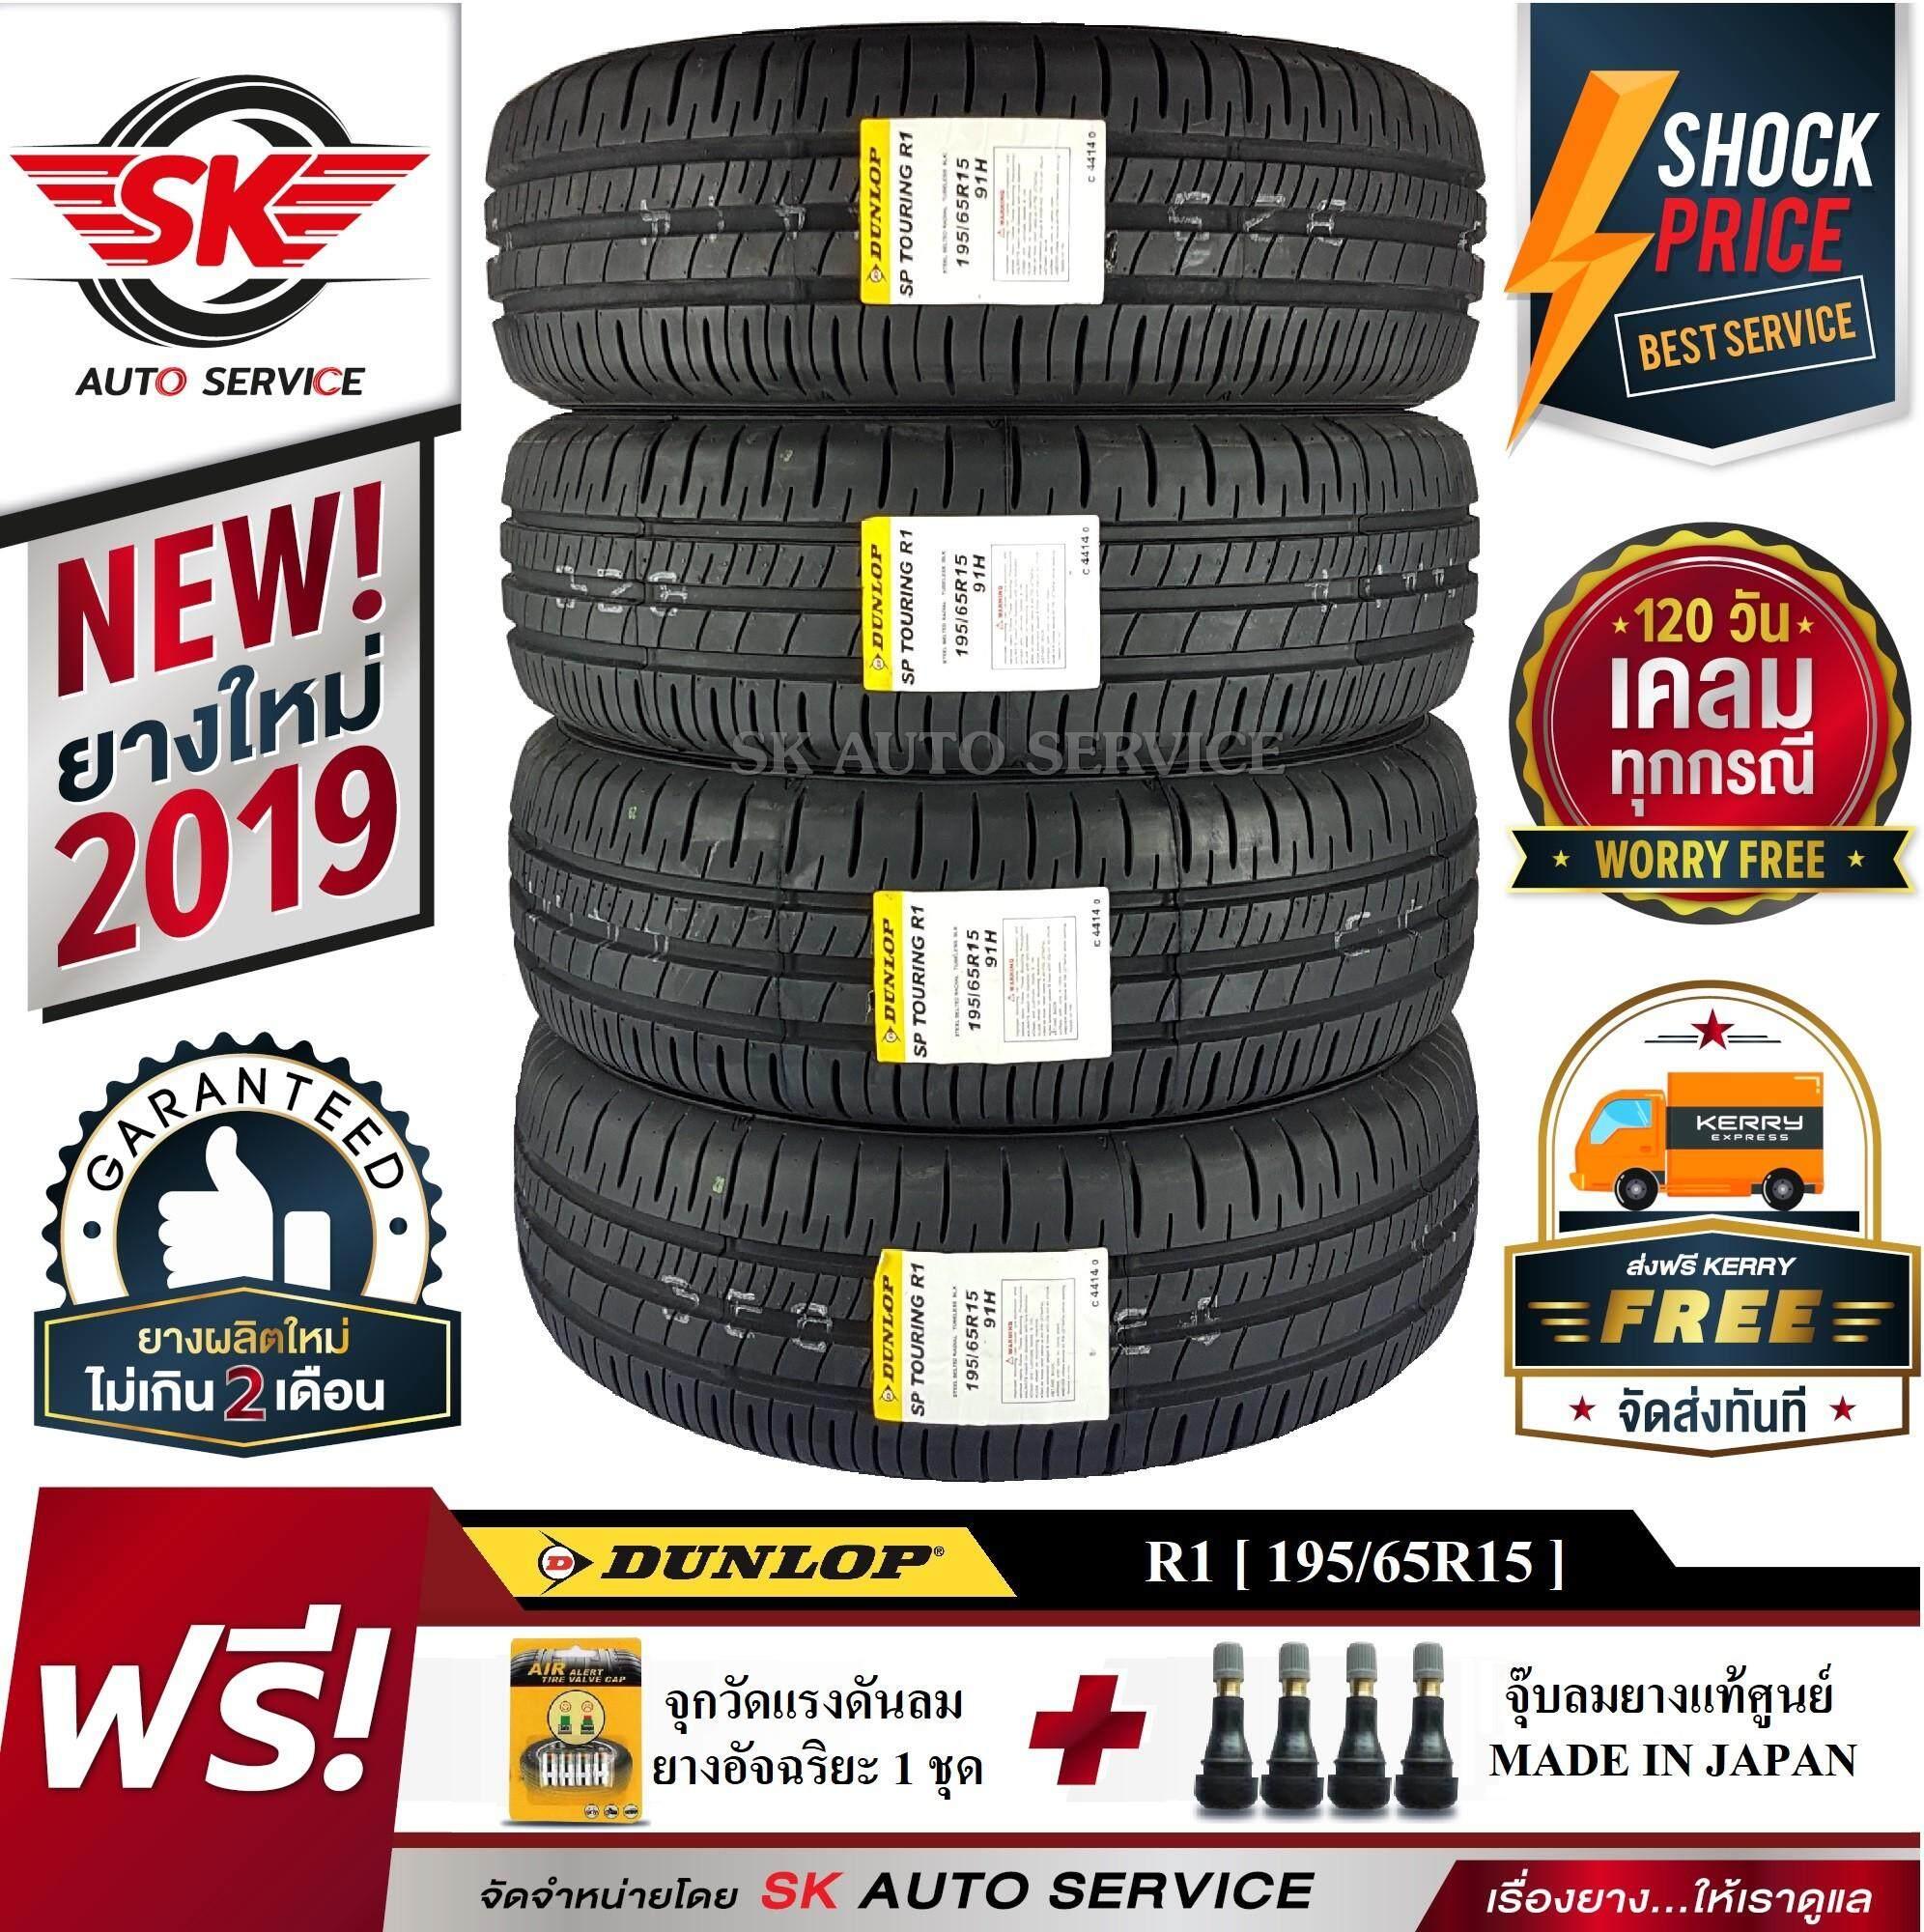 ประกันภัย รถยนต์ ชั้น 3 ราคา ถูก ปัตตานี DUNLOP ยางรถยนต์ 195/65R15 (เก๋งล้อขอบ 15) รุ่น SP TOURING R1 4 เส้น (ยางใหม่ปี 2019)